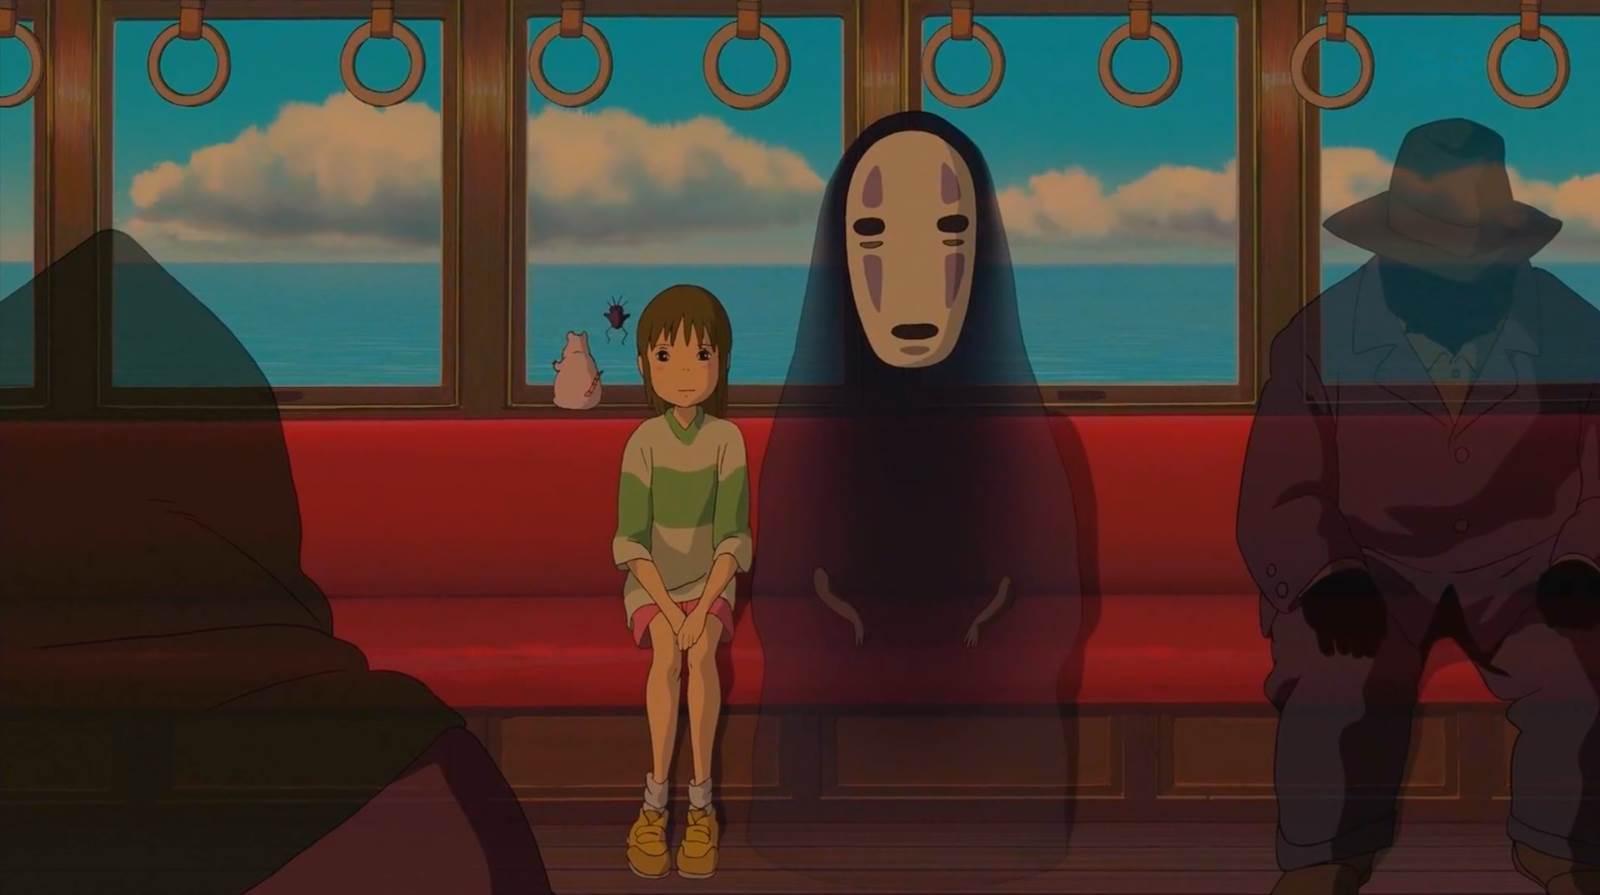 Sen to Chihiro no Kamikakushi, Chihiro travels to find Zeniba